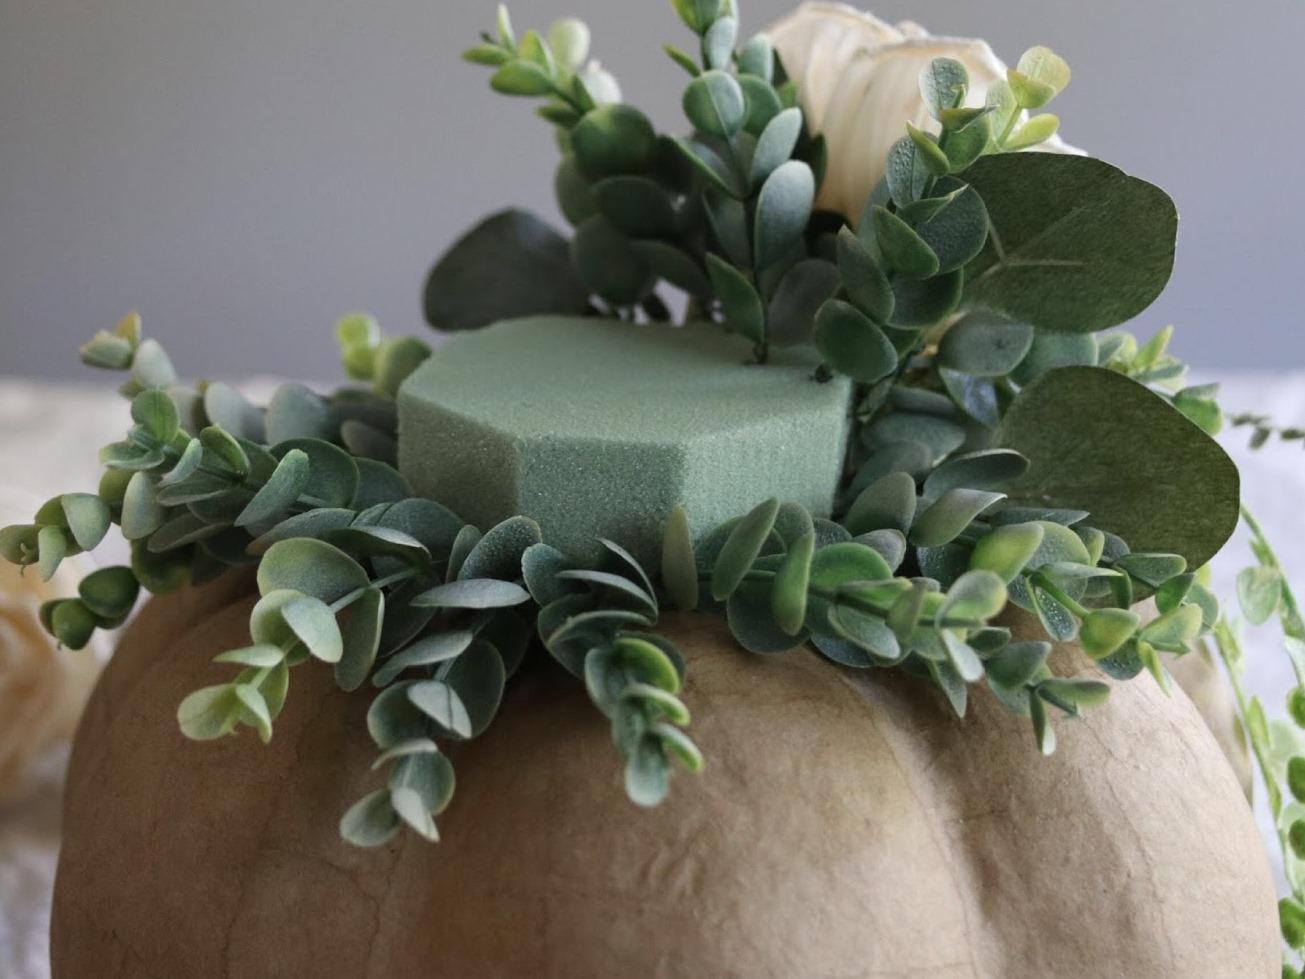 Как сделать цветочную композицию - прикрепите короткие стебли